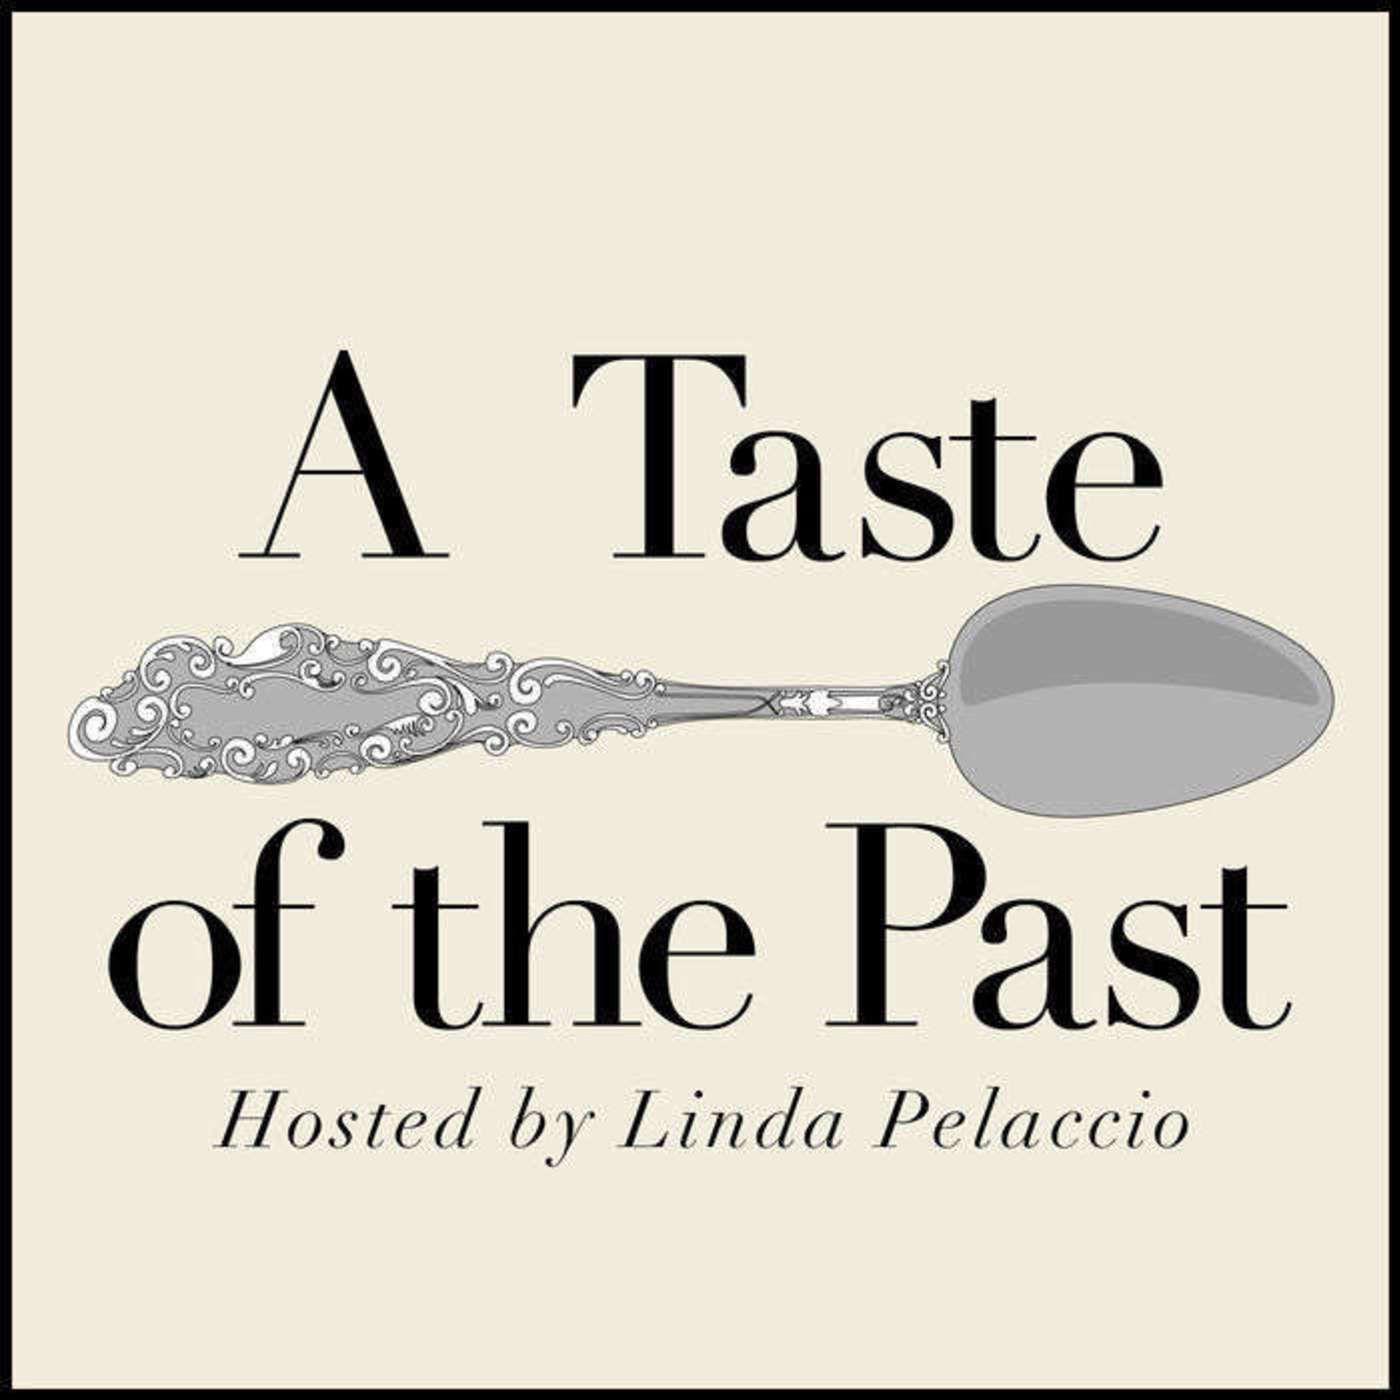 Episode 15: BBQ History with Zak Pelaccio